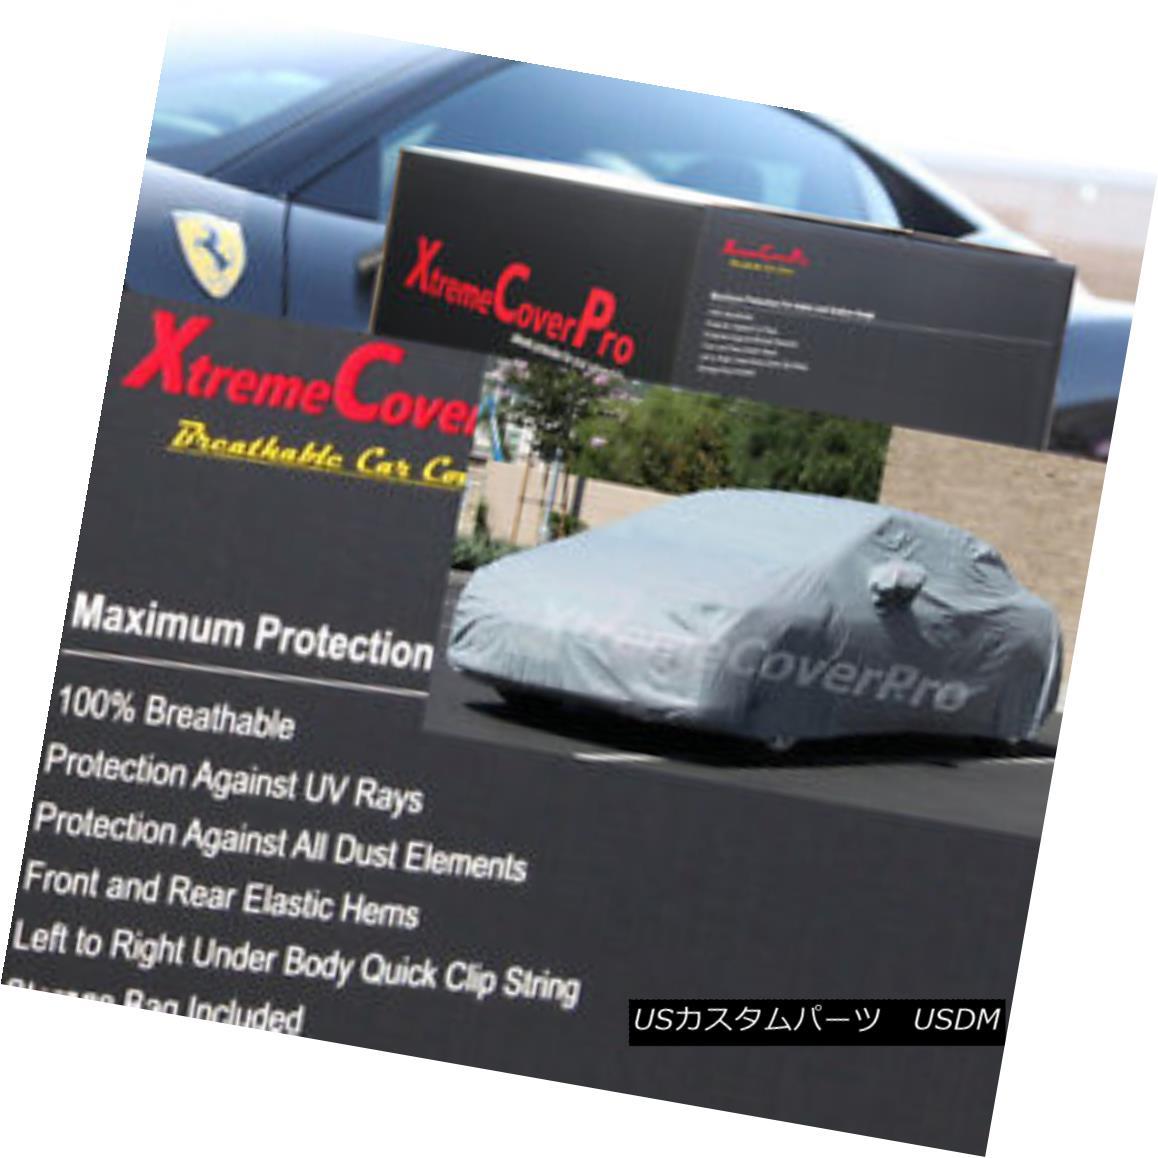 カーカバー 2014 Cadillac XTS Sedan Breathable Car Cover w/ Mirror Pocket 2014キャデラックXTSセダン通気性車カバー(ミラーポケット付)